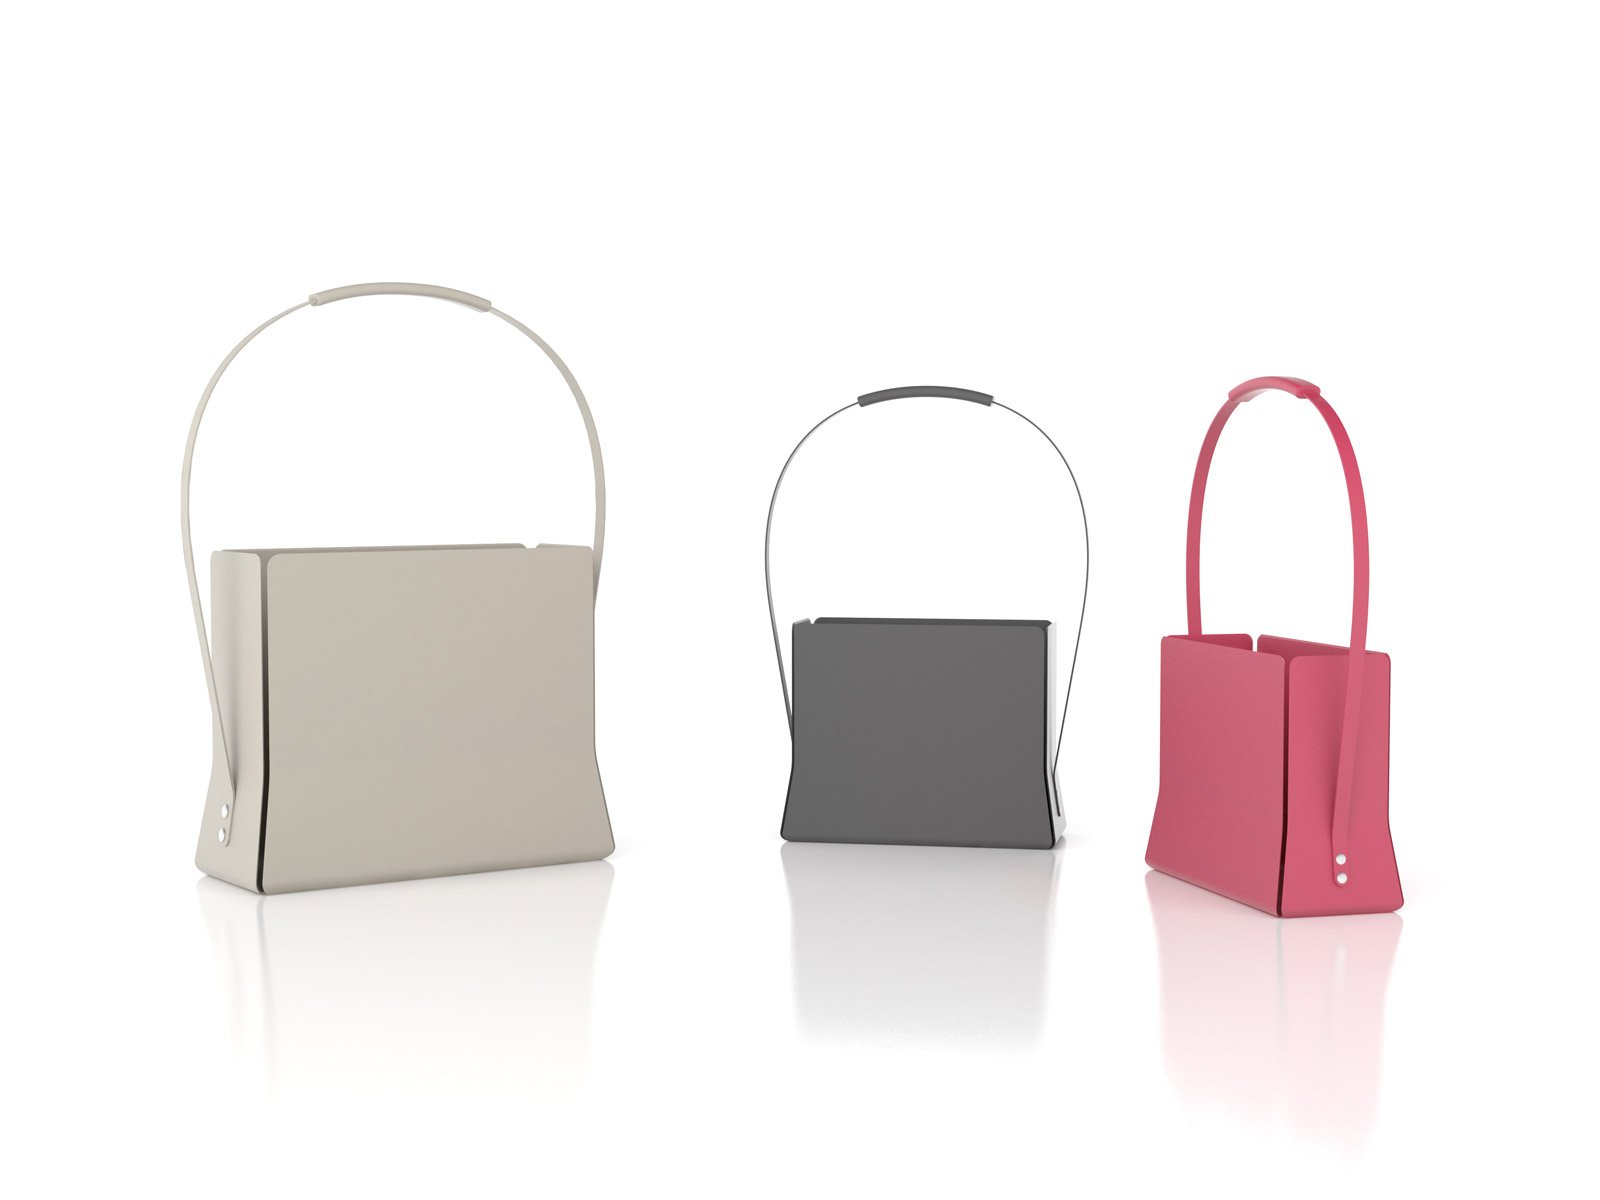 Magazine Bag di Bonaldo è un portariviste interamente realizzato in metallo verniciato caratterizzato da una grande maniglia ergonomica che permette di spostarlo con facilità. www.bonaldo.it